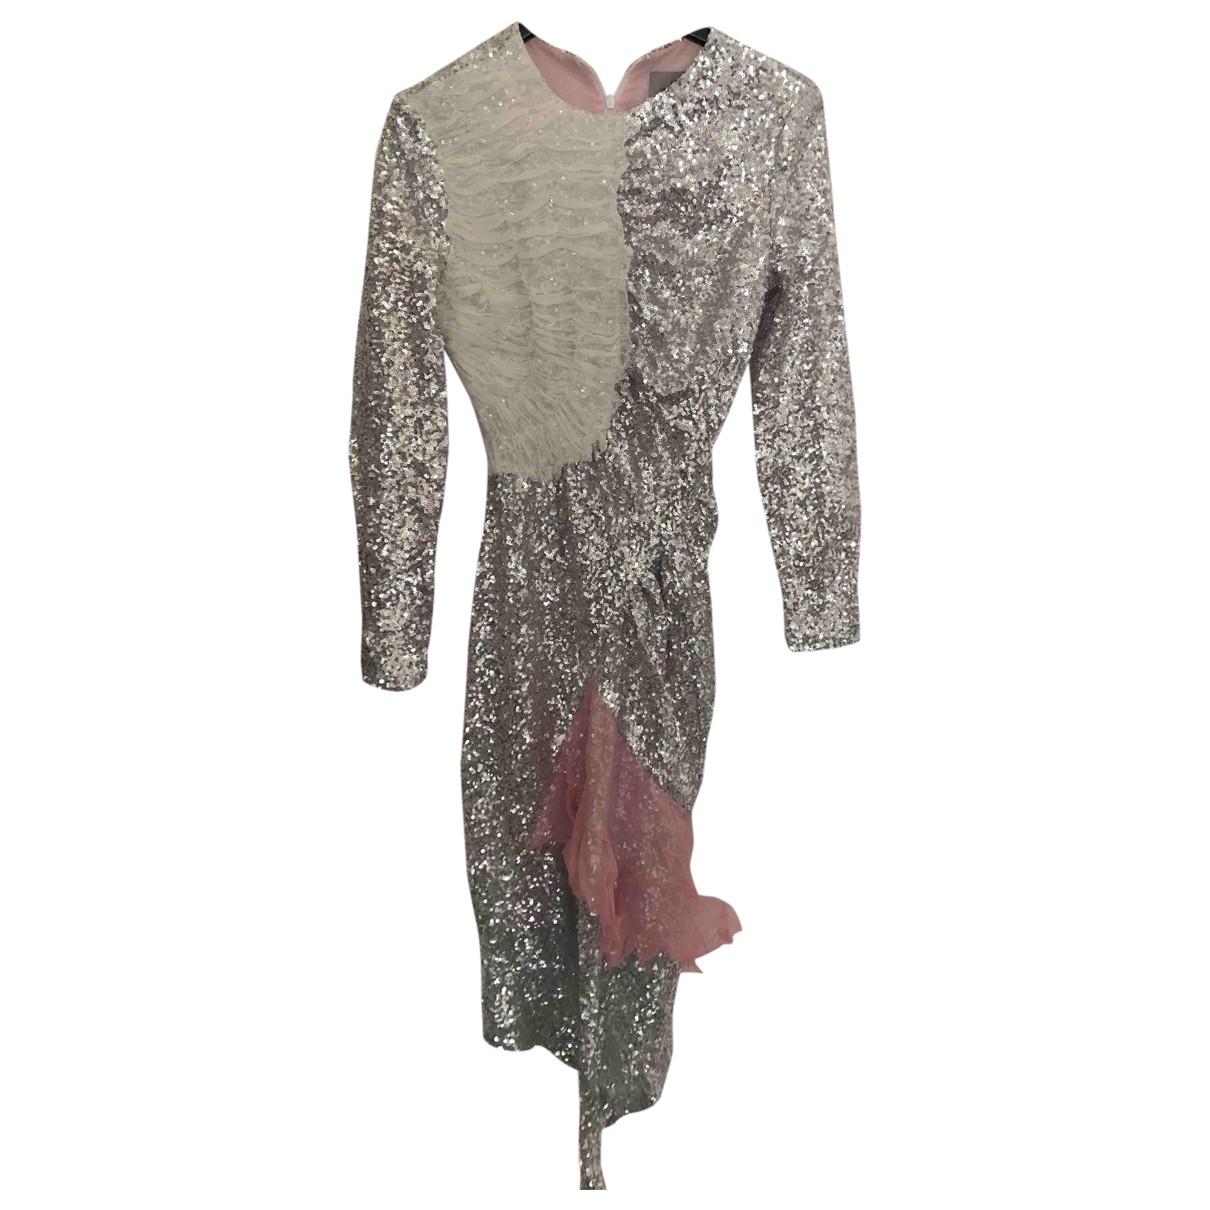 Preen By Thornton Bregazzi \N Kleid in  Silber Mit Pailletten